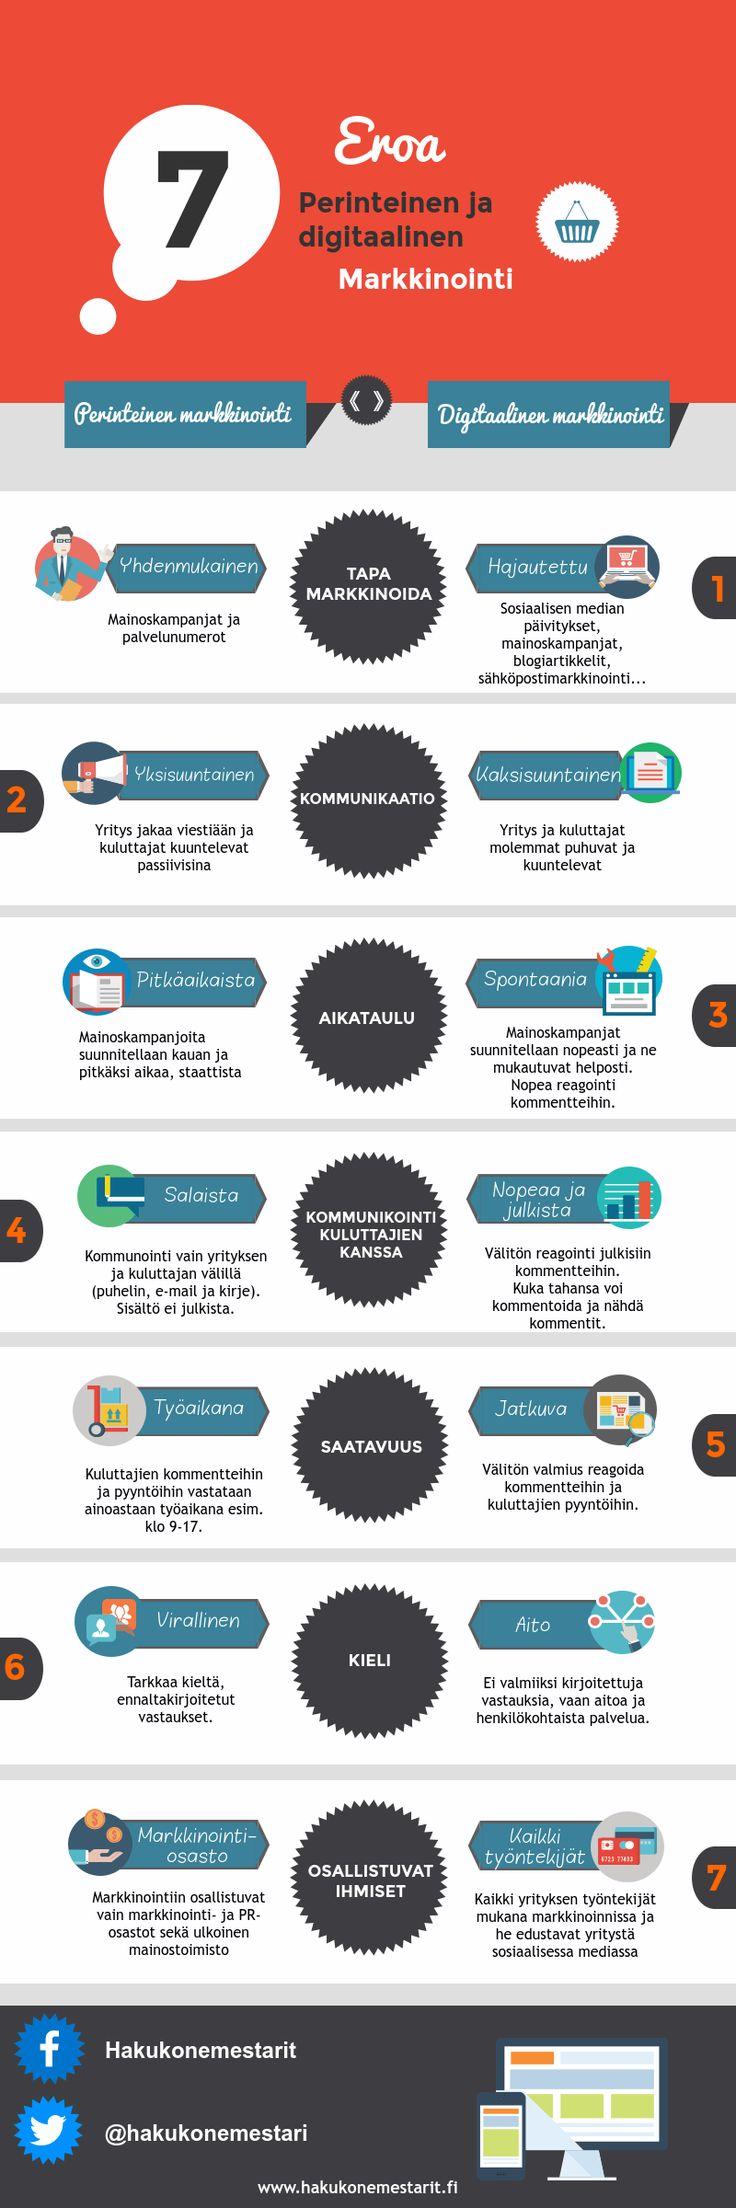 Digitaalinen markkinointi vs perinteinen markkinointi.  Lue digitaalisen markkinoinnin ja perinteisen markkinoinnin eroista. #Markkinointi